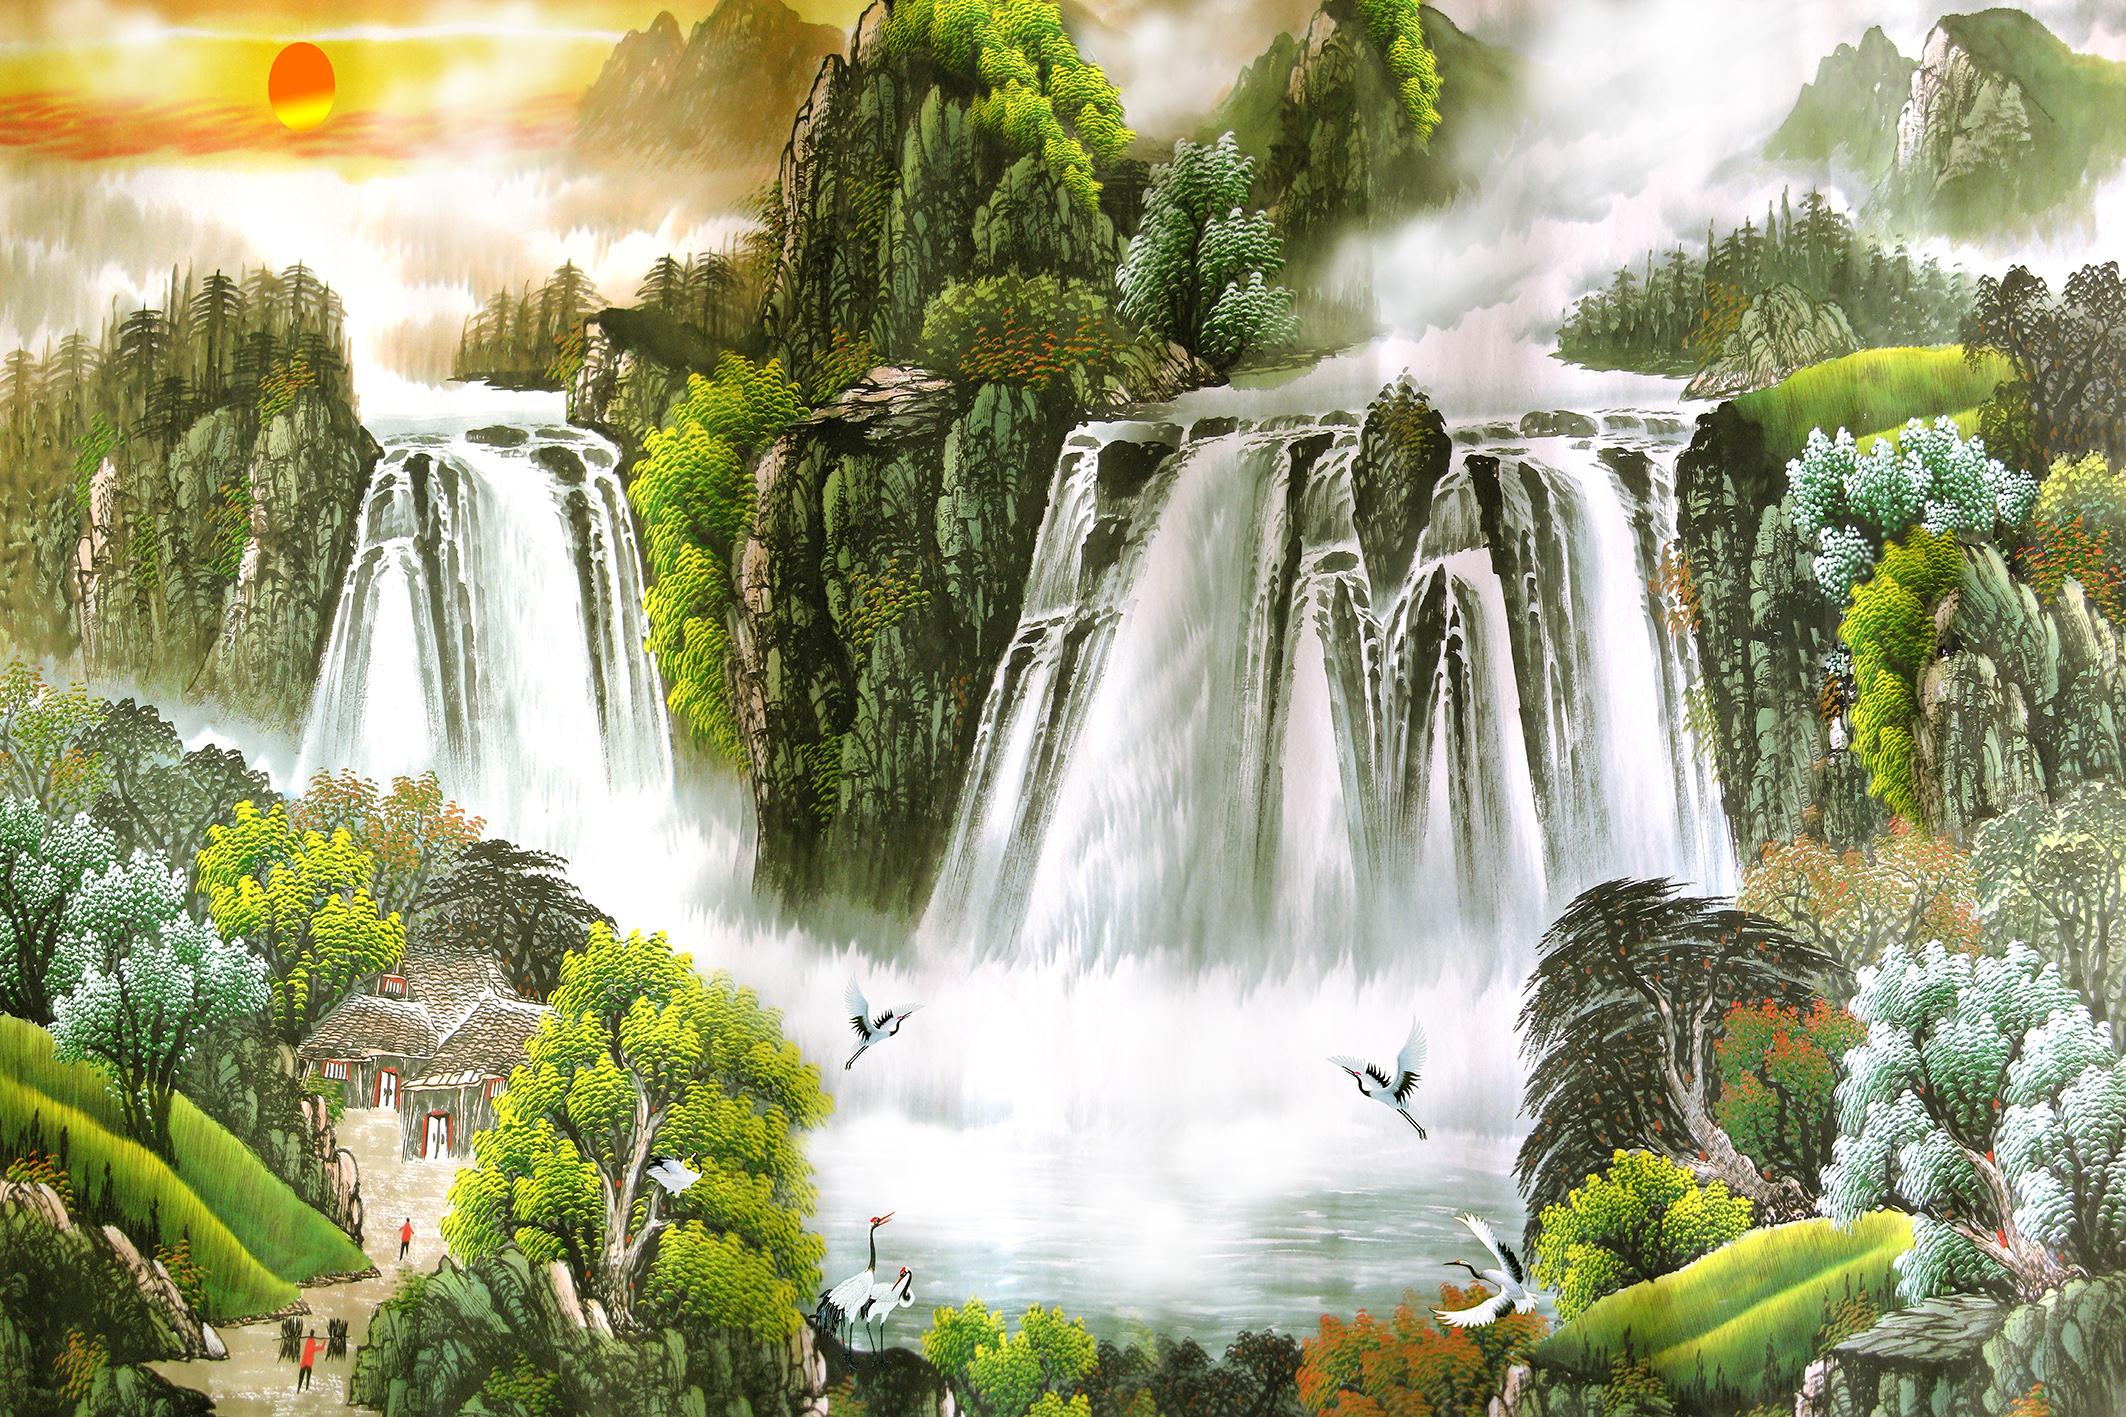 壁纸 风景 国画 旅游 瀑布 山水 桌面 2126_1417